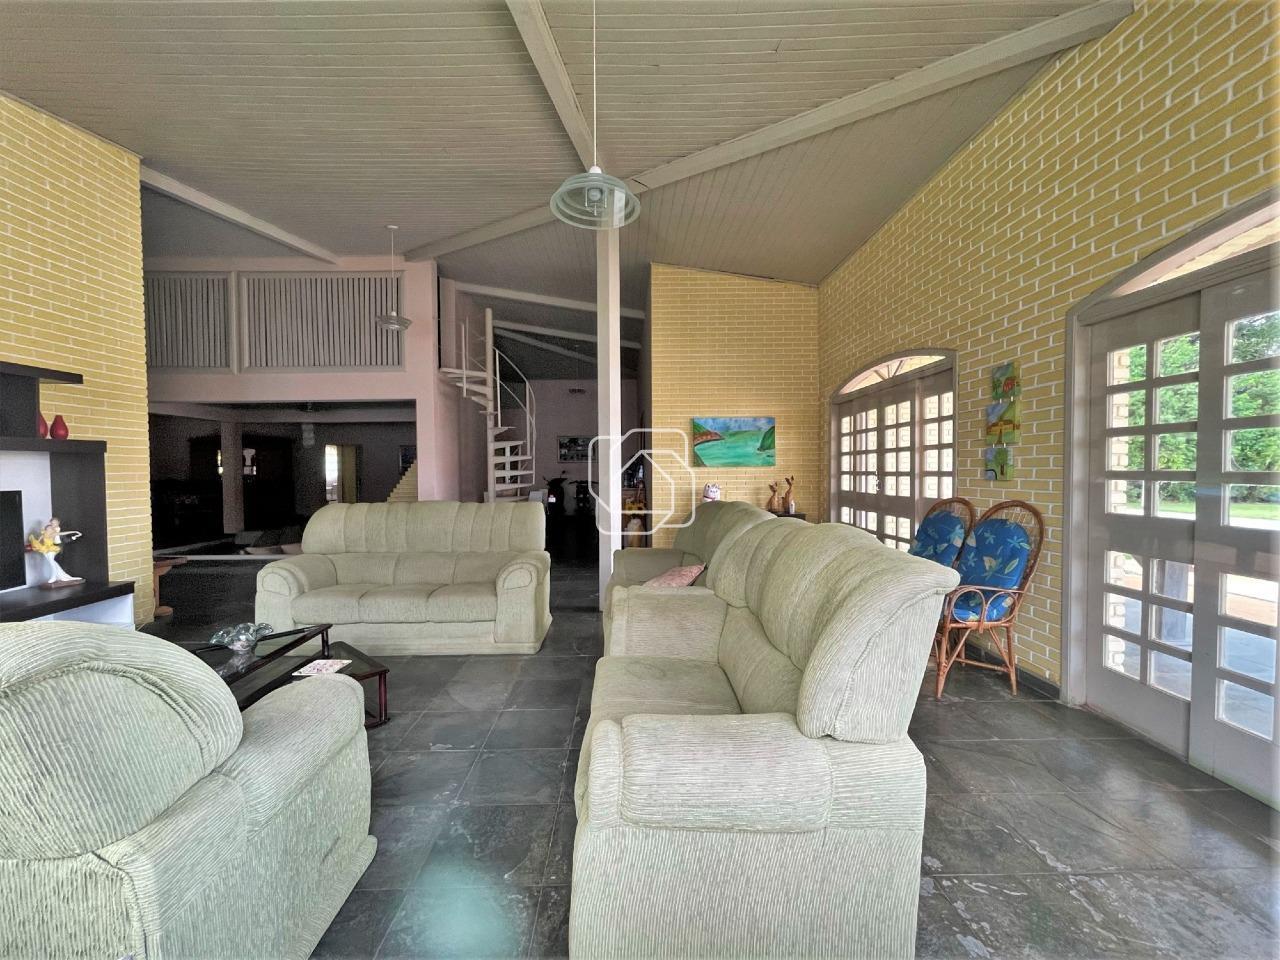 Casa de Condomínio à venda no Fazenda Vila Real de Itu: Casa à venda no Condomínio Fazenda Vila Real de Itu - Itu/SP